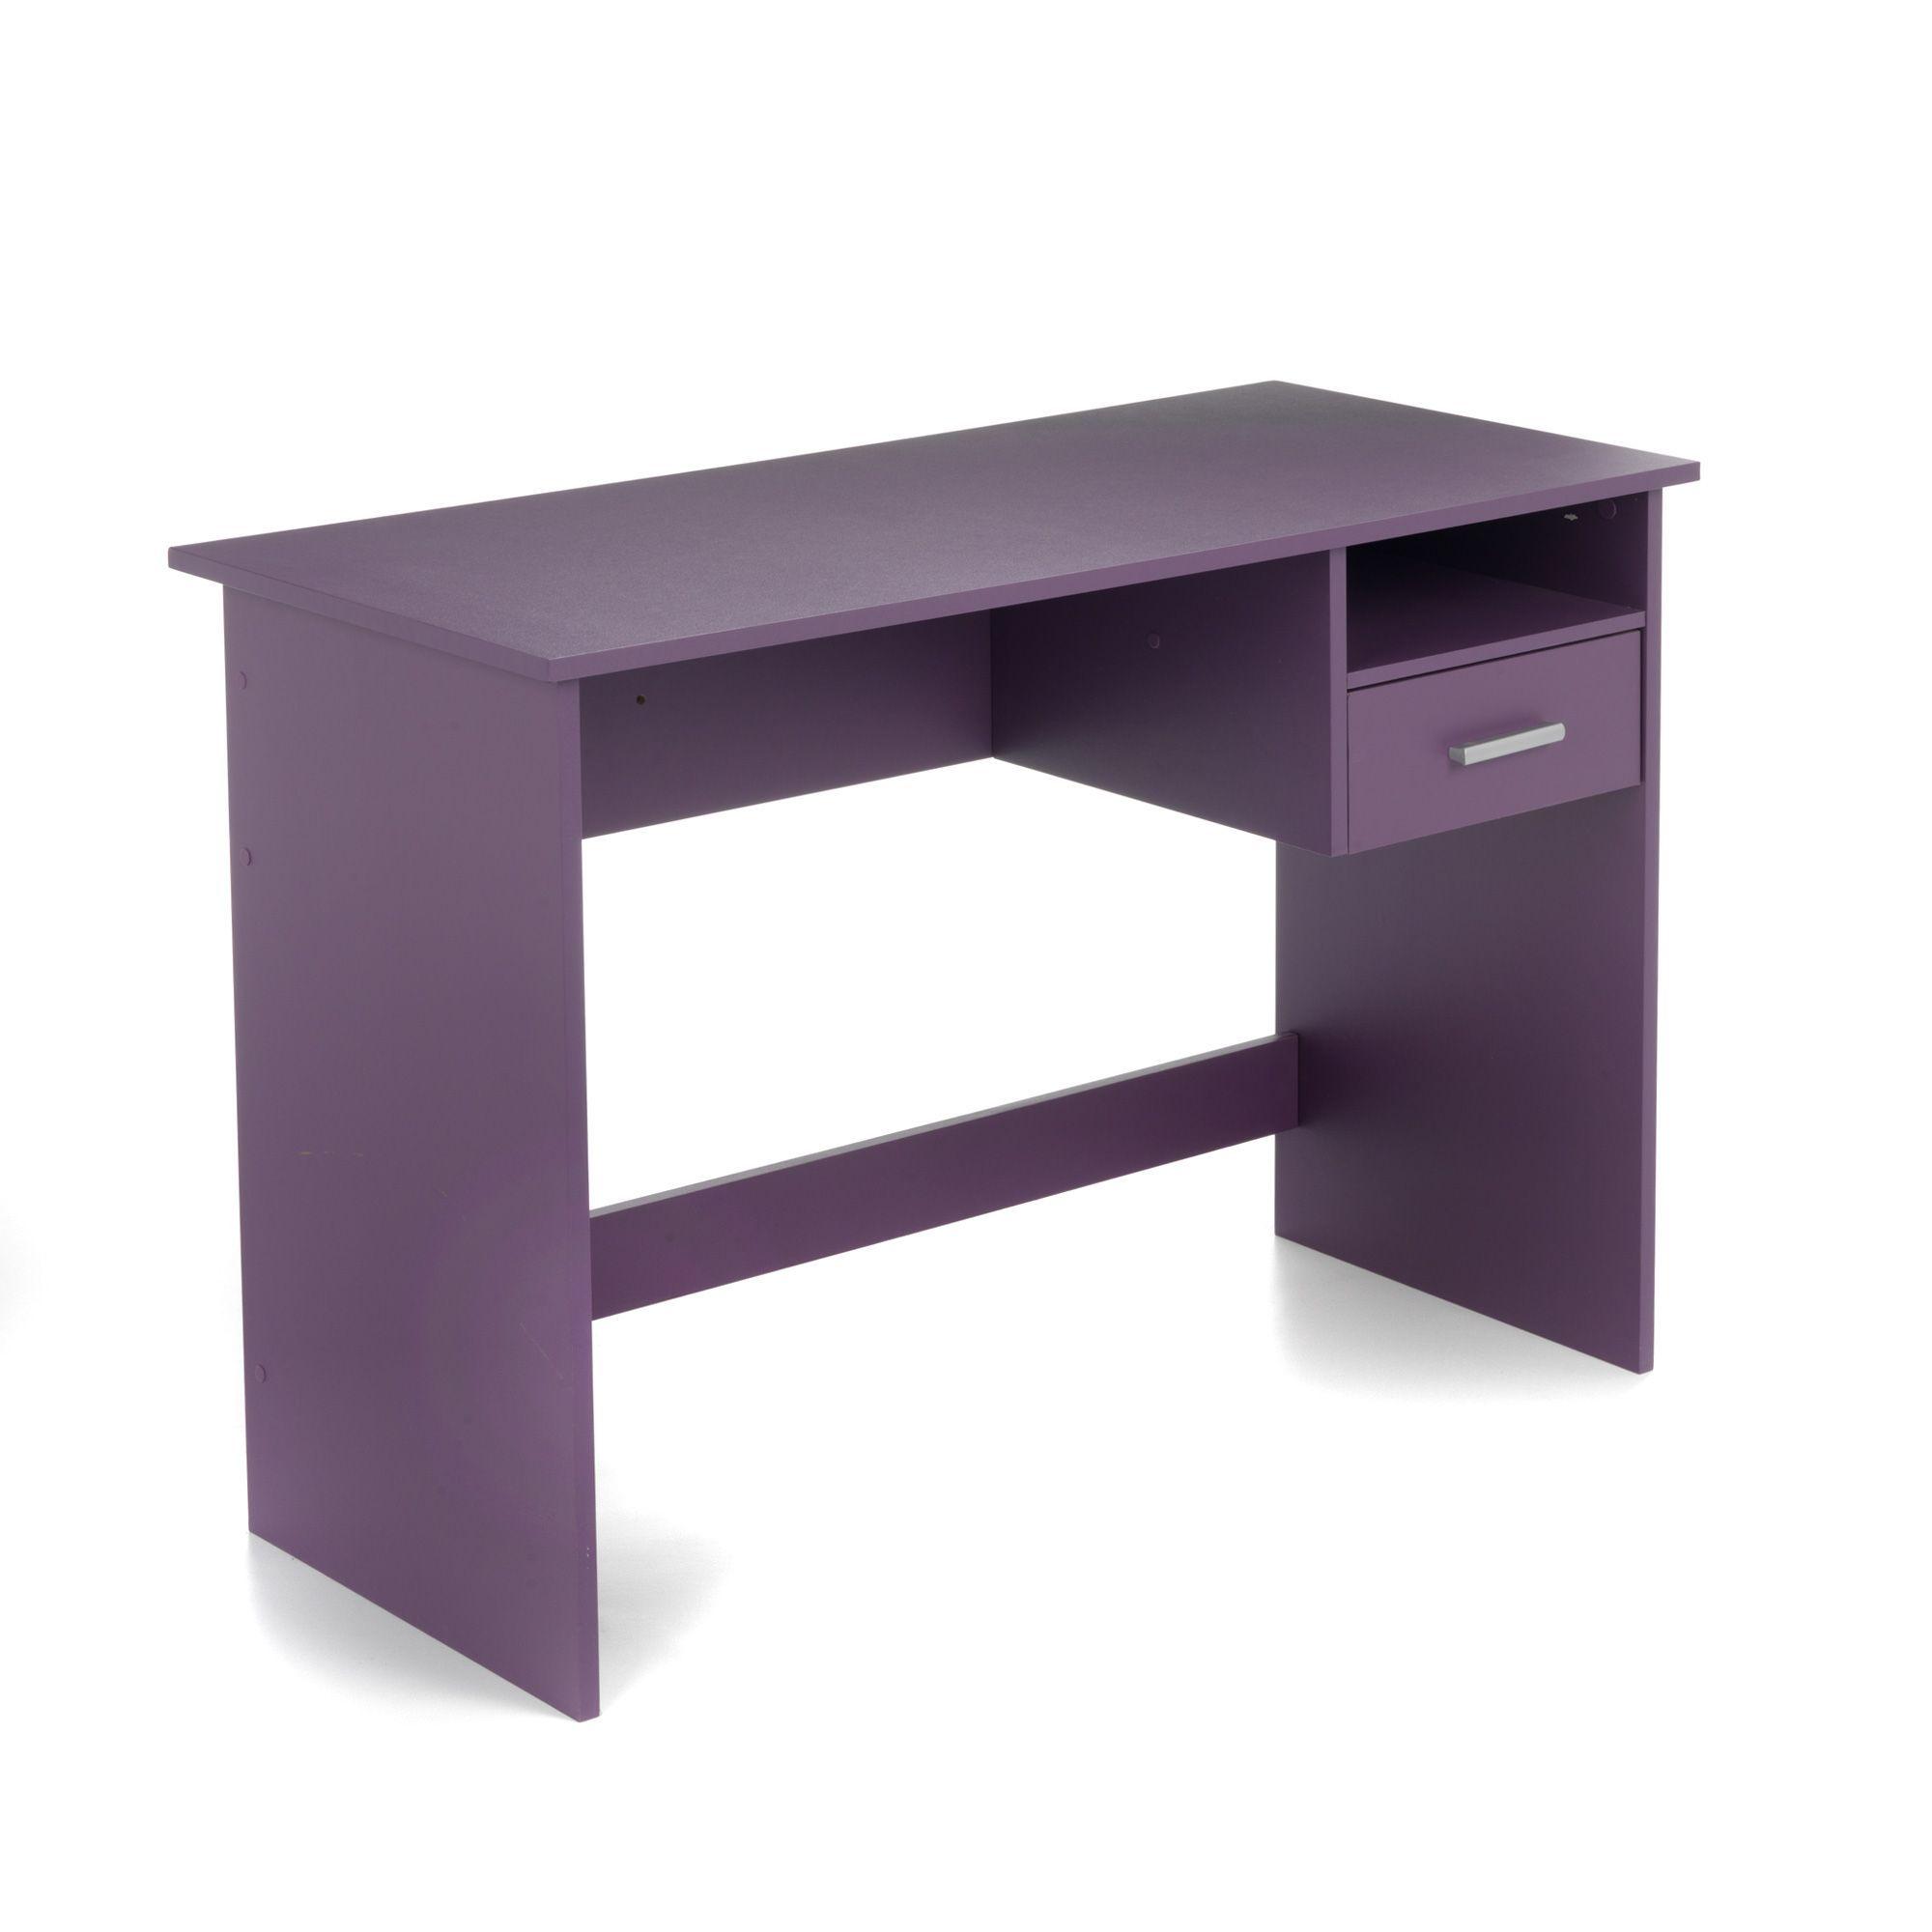 Bureau junior Violet Pryce Les bureaux enfants Les meubles